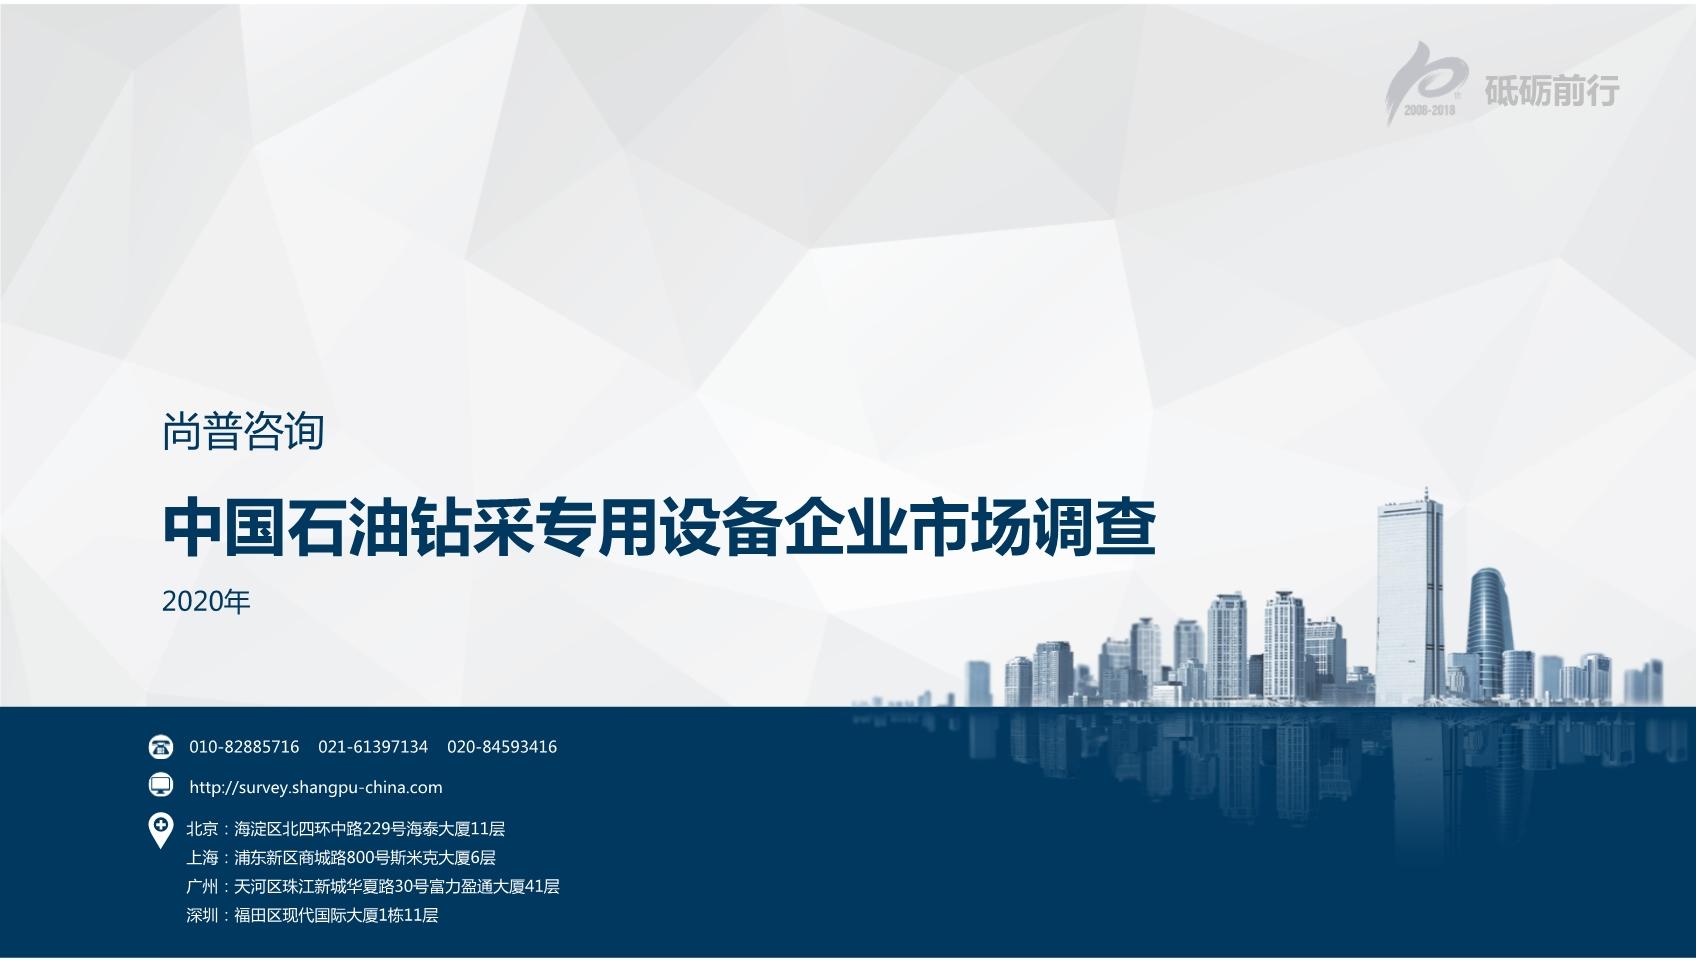 尚普咨询:2020年中国石油钻采专用设备企业市场调查